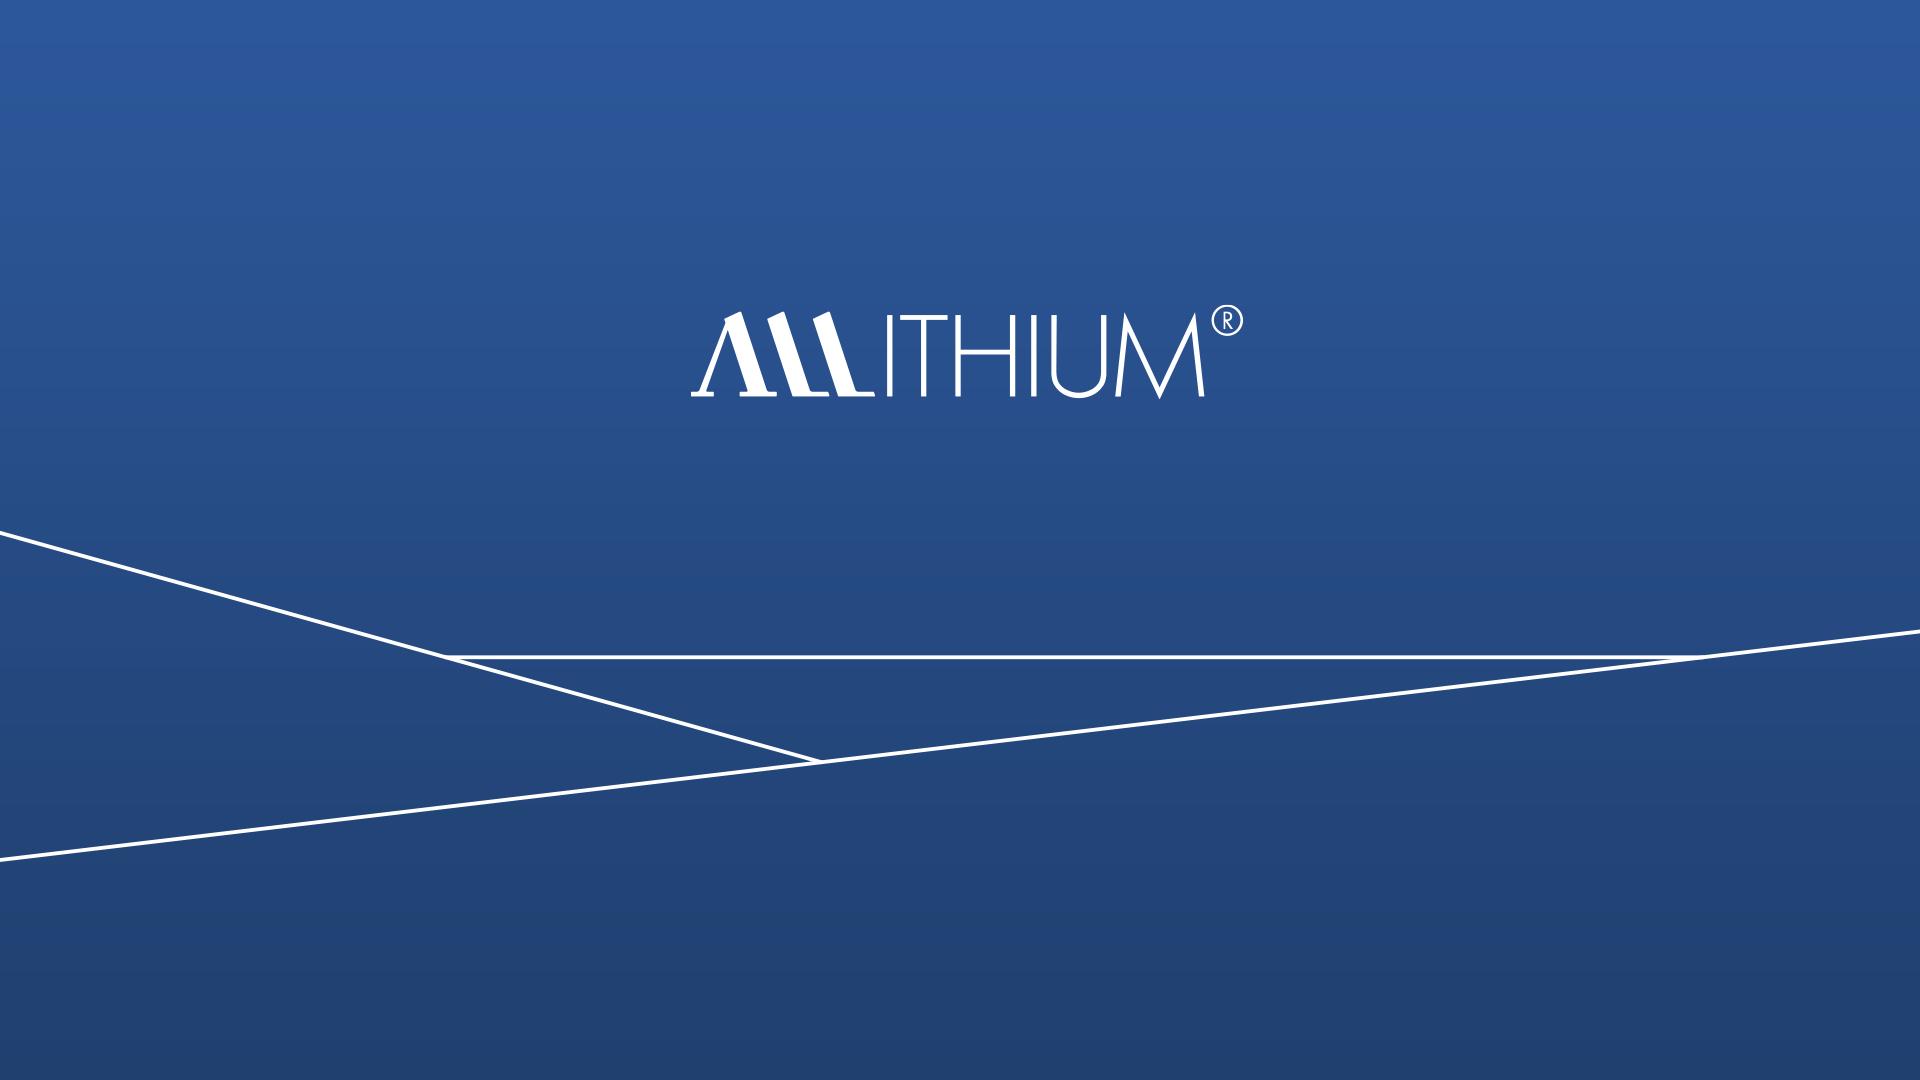 Allithium Corporate Design Präsentation